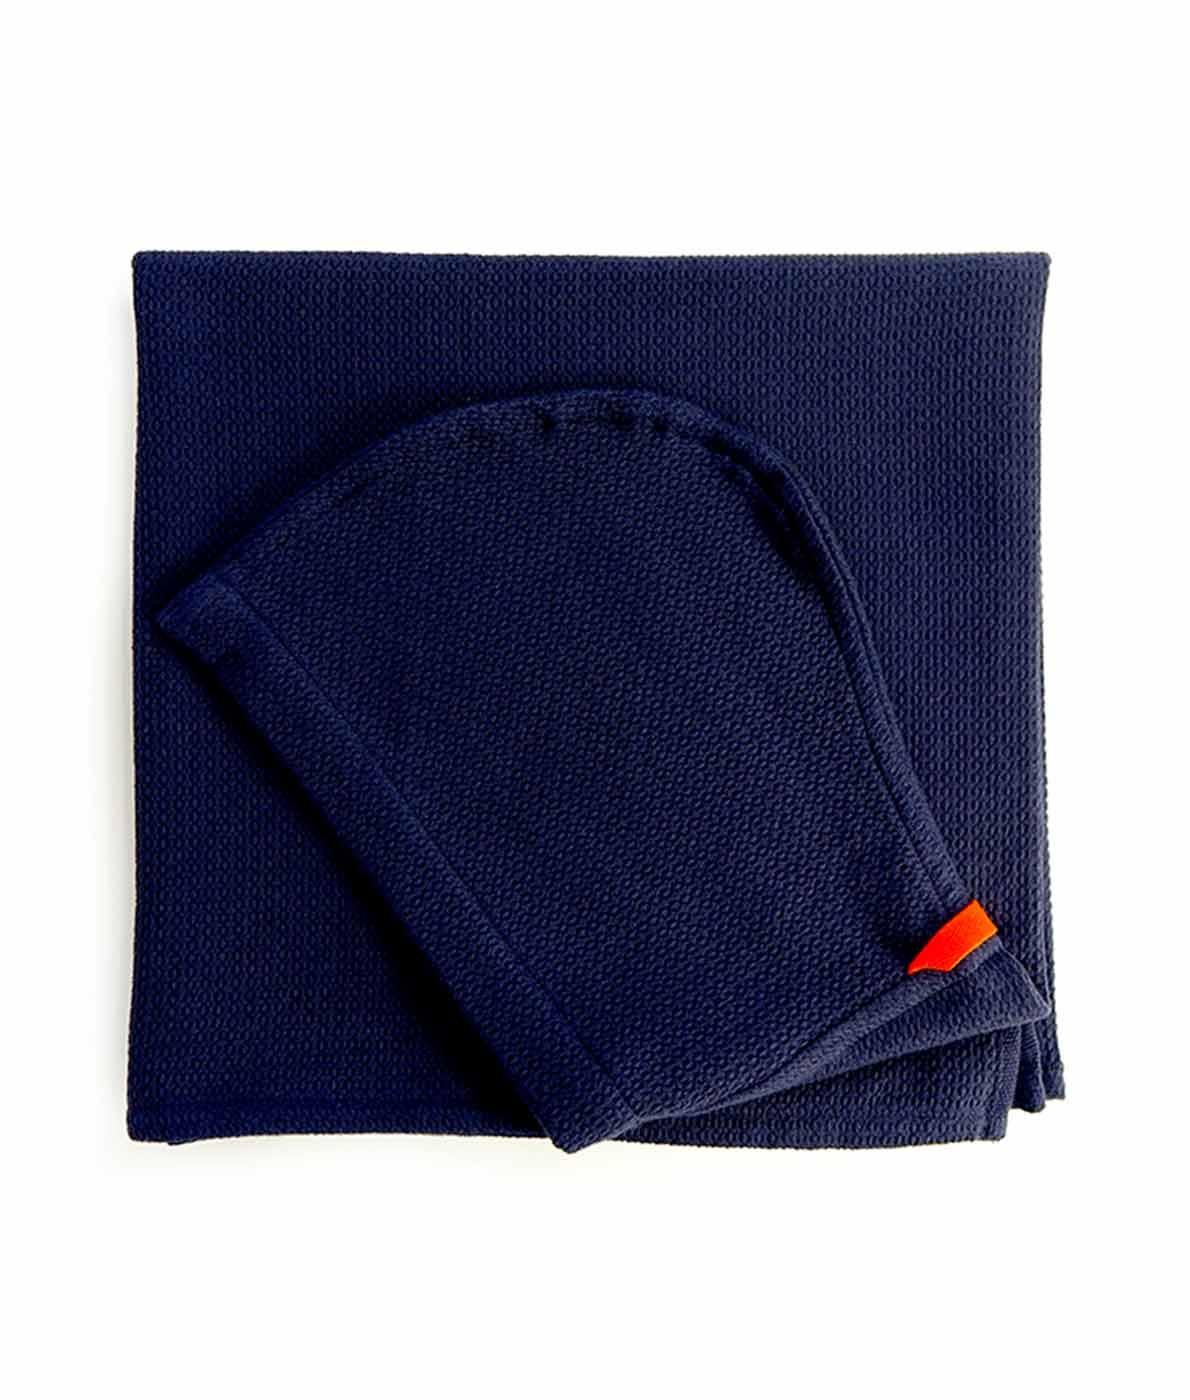 Håndklæde til børn i økologisk bomuld fra Ekobo - mørkeblå